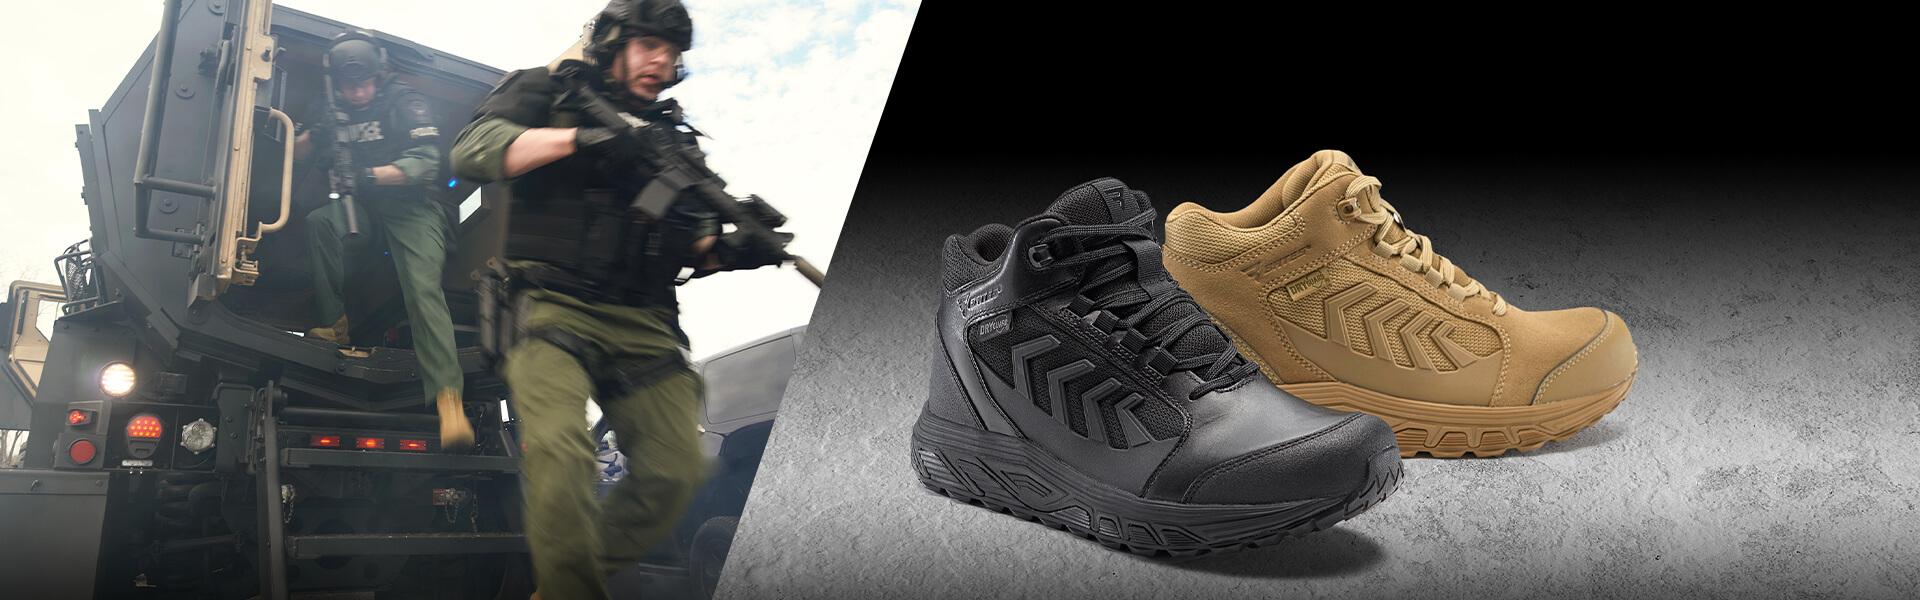 Men with guns wearing the Rush shoe.